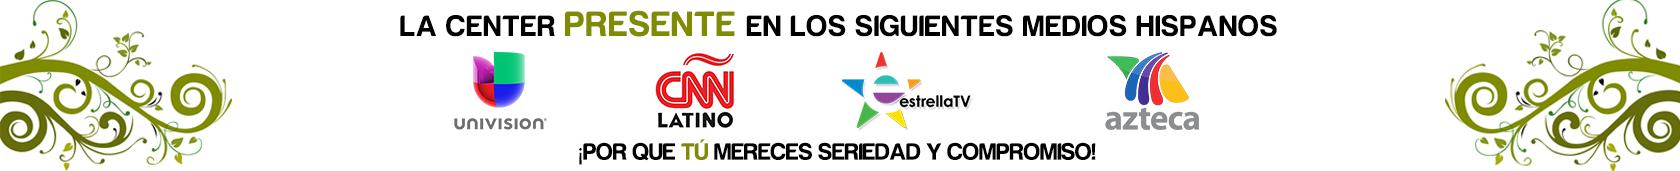 banner1-es